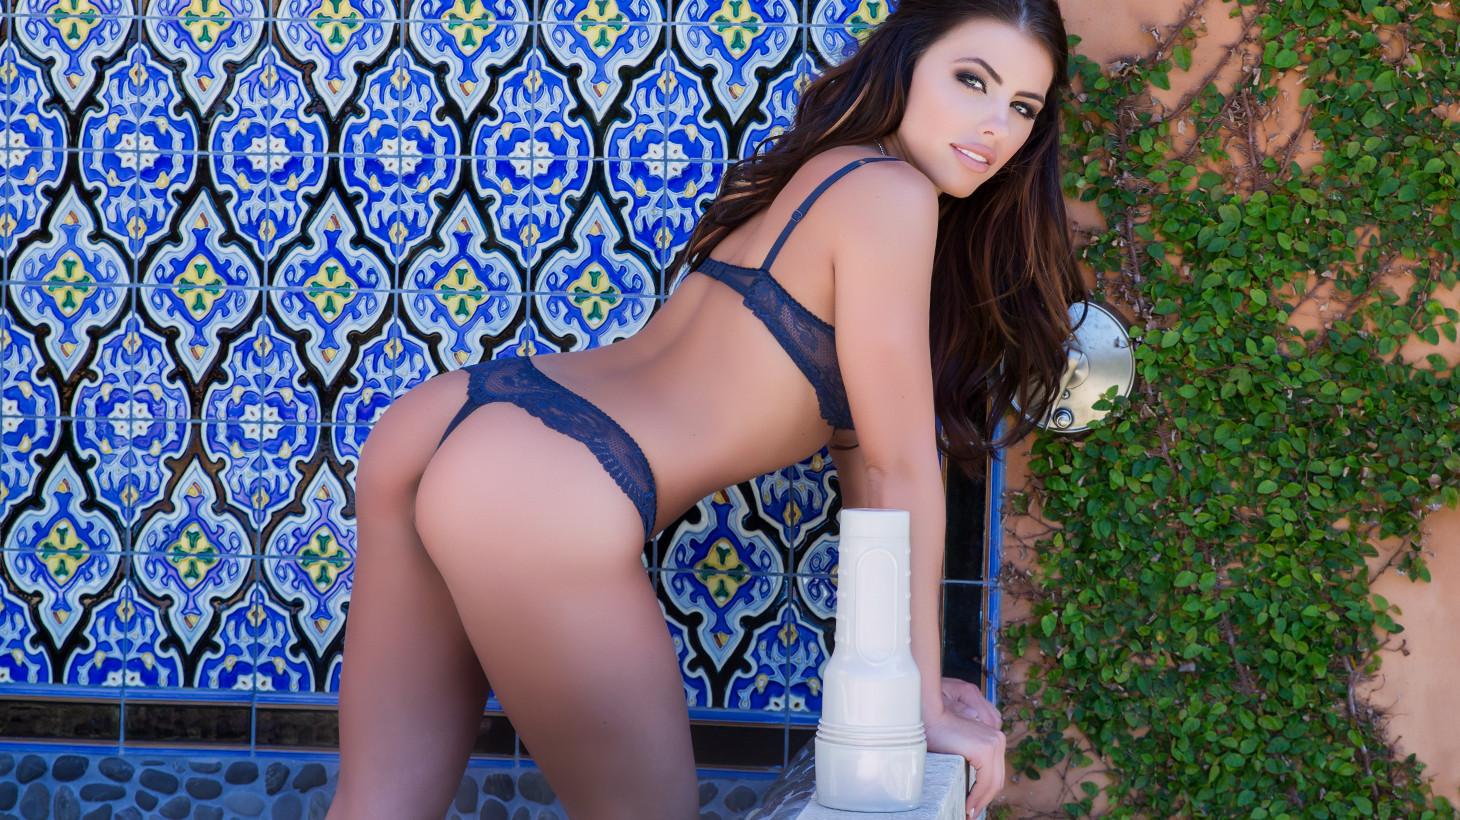 Adriana Chechik Fleshlight Girl Image 0